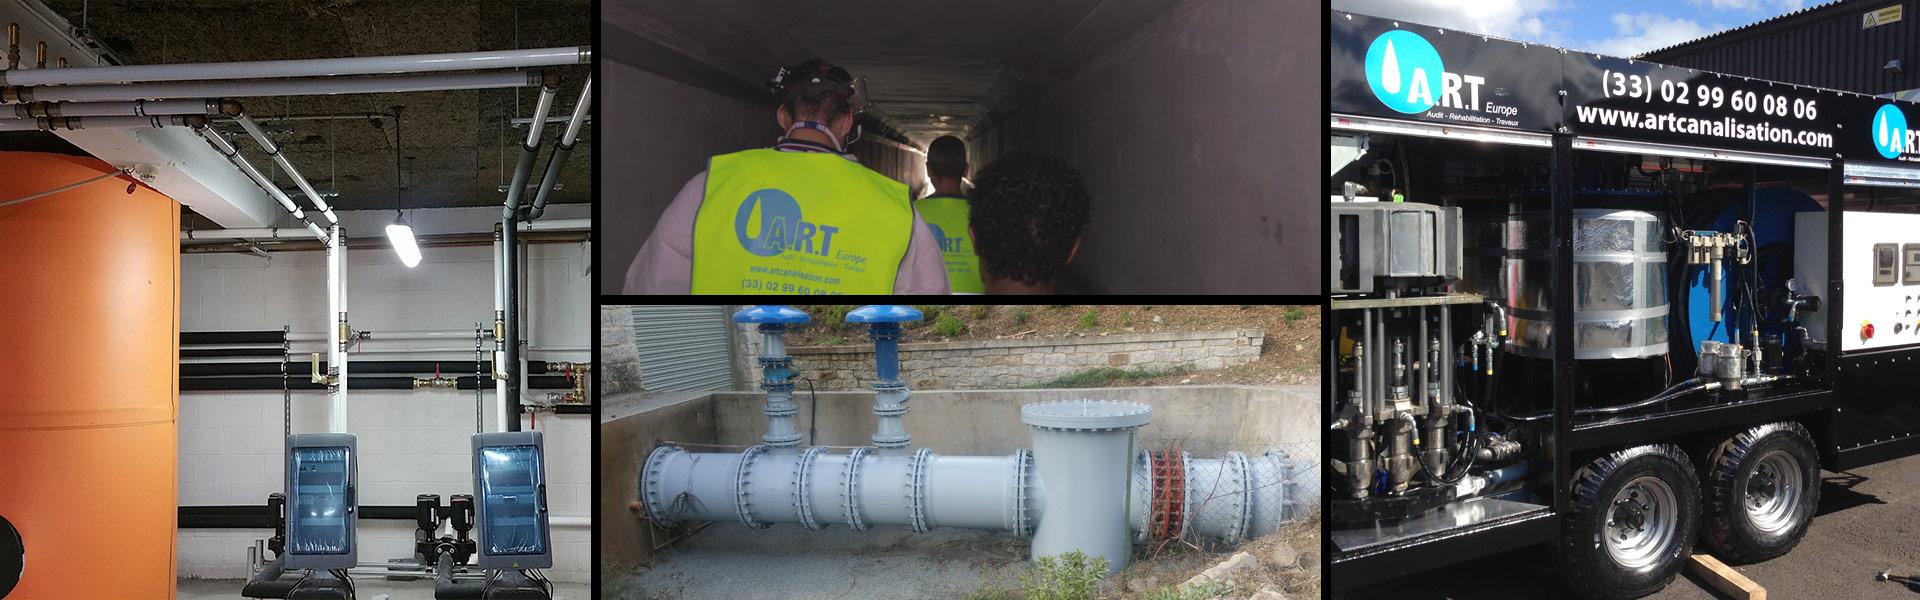 Protection anticorrosion extérieure de pièces ou de conduites, plomberie sanitaire